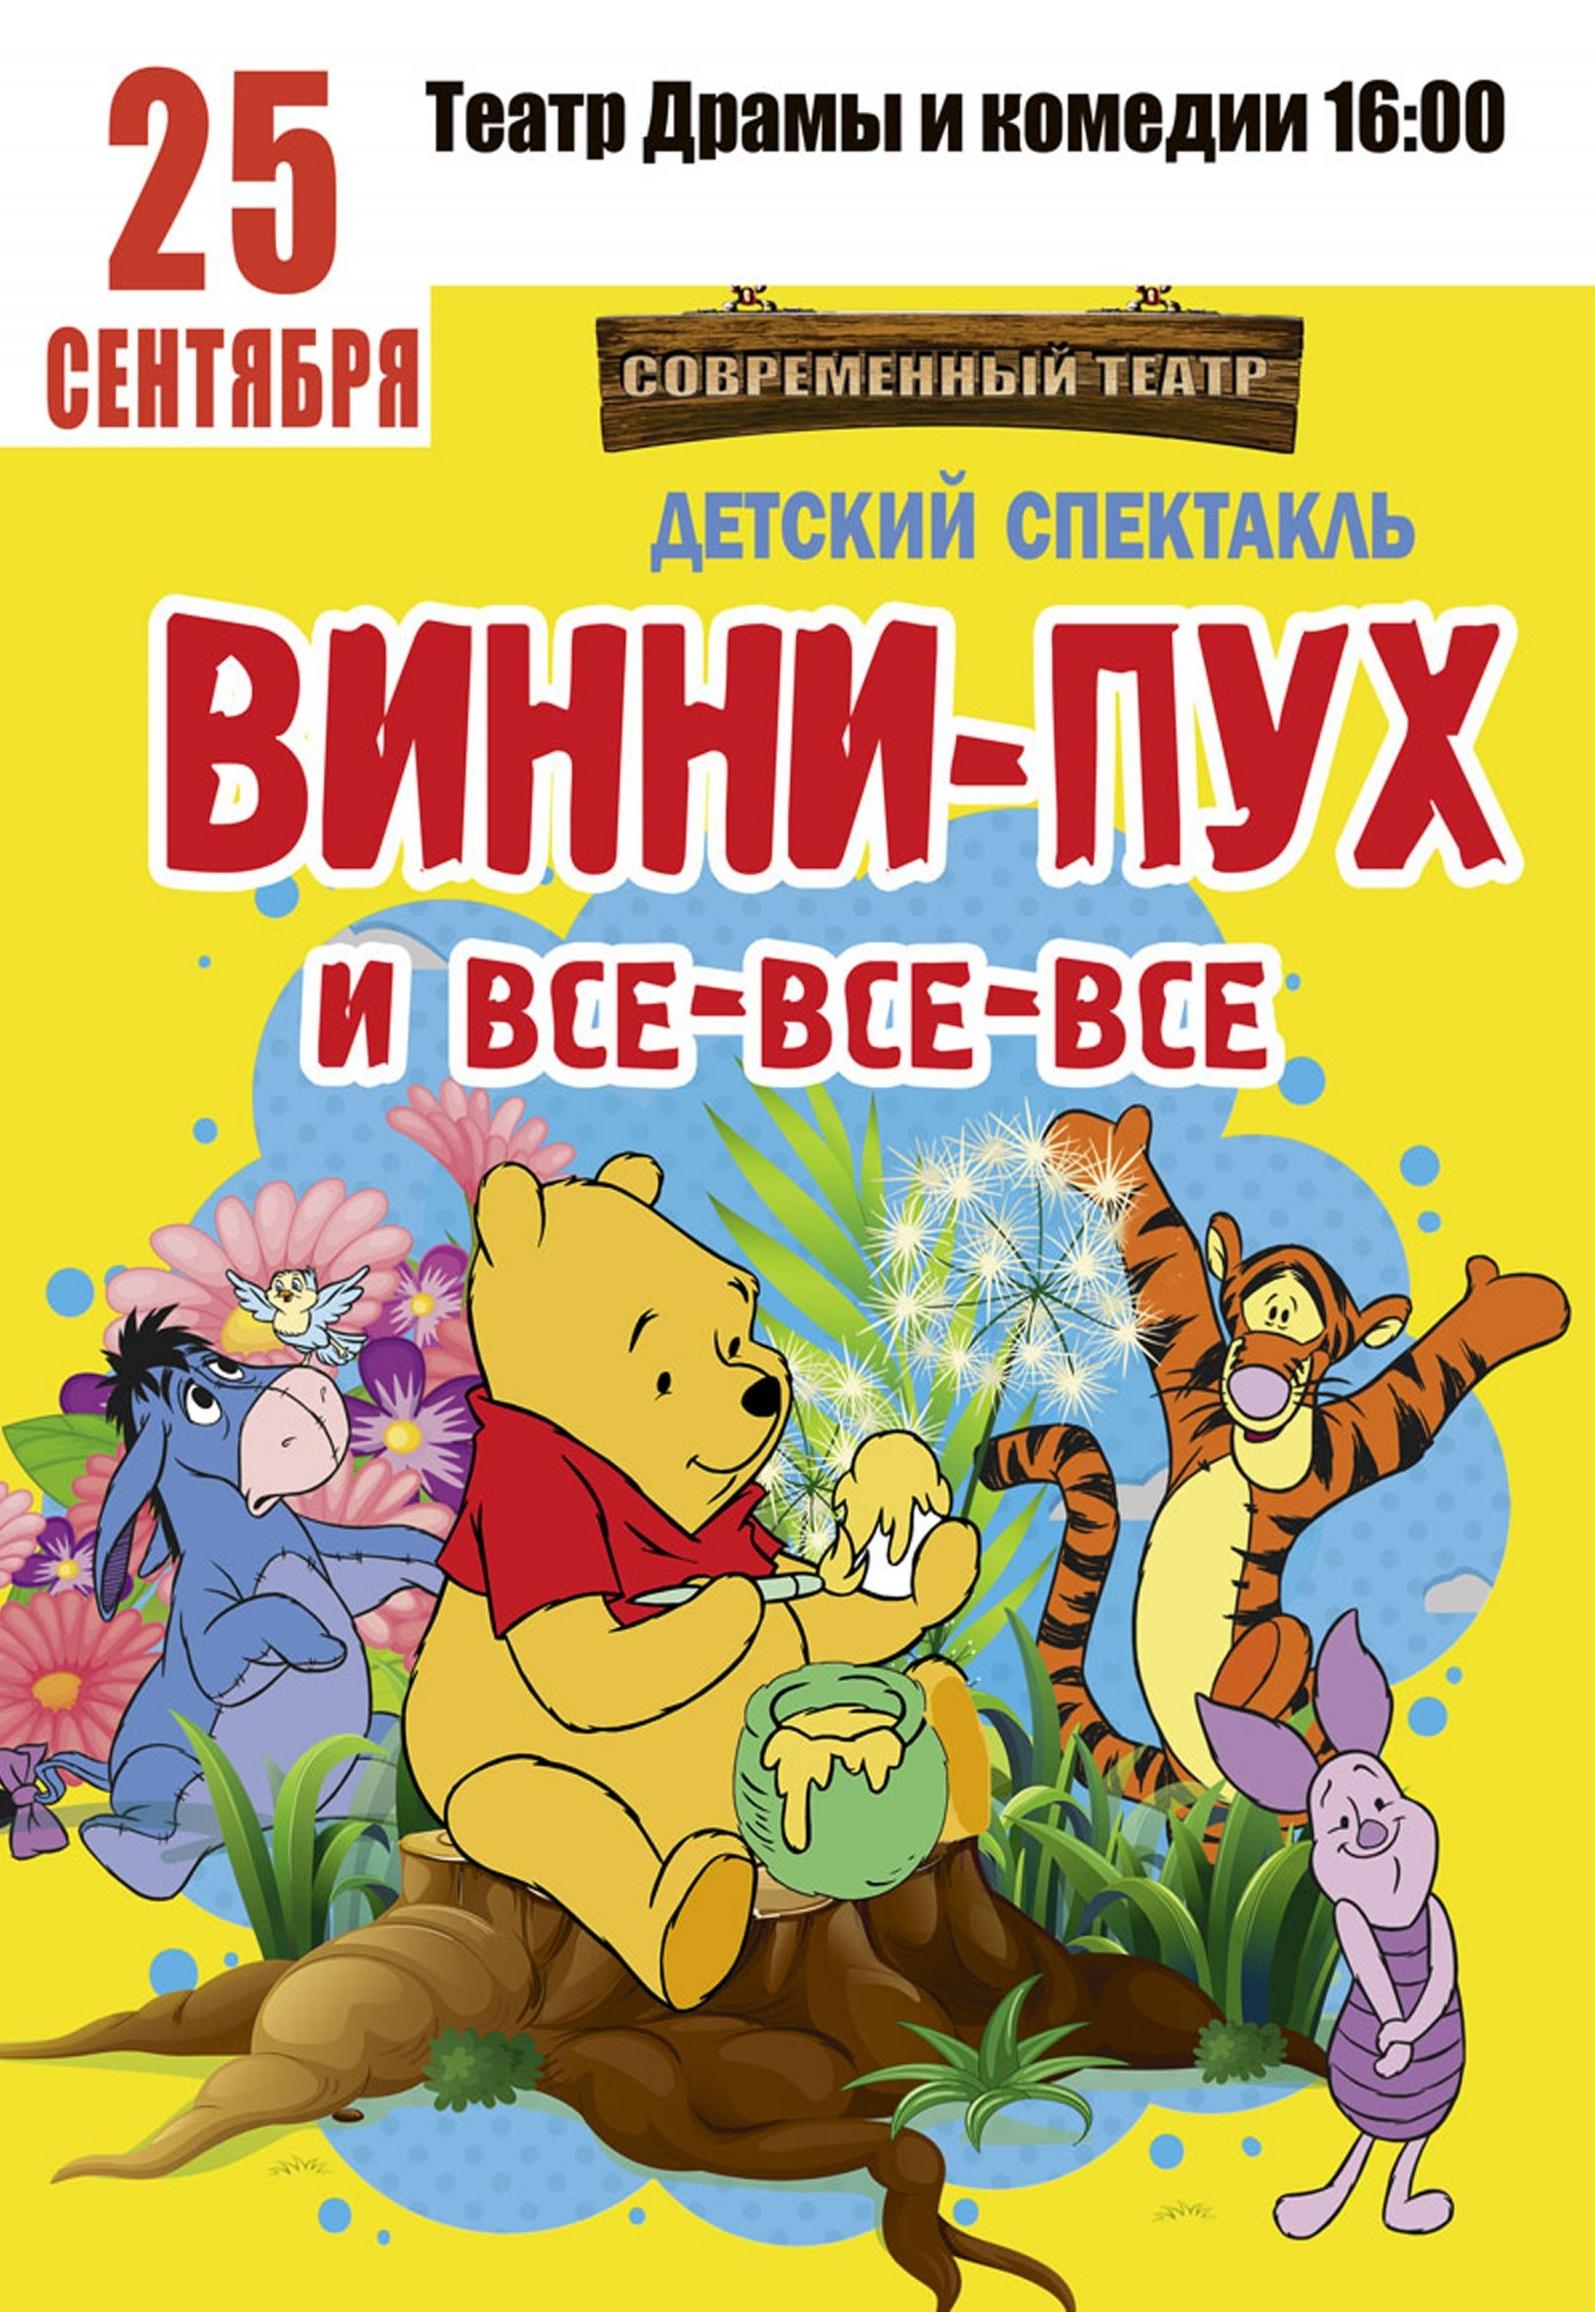 Купить билет на детский спектакль в театр новогодние детские спектакли в новосибирске афиша